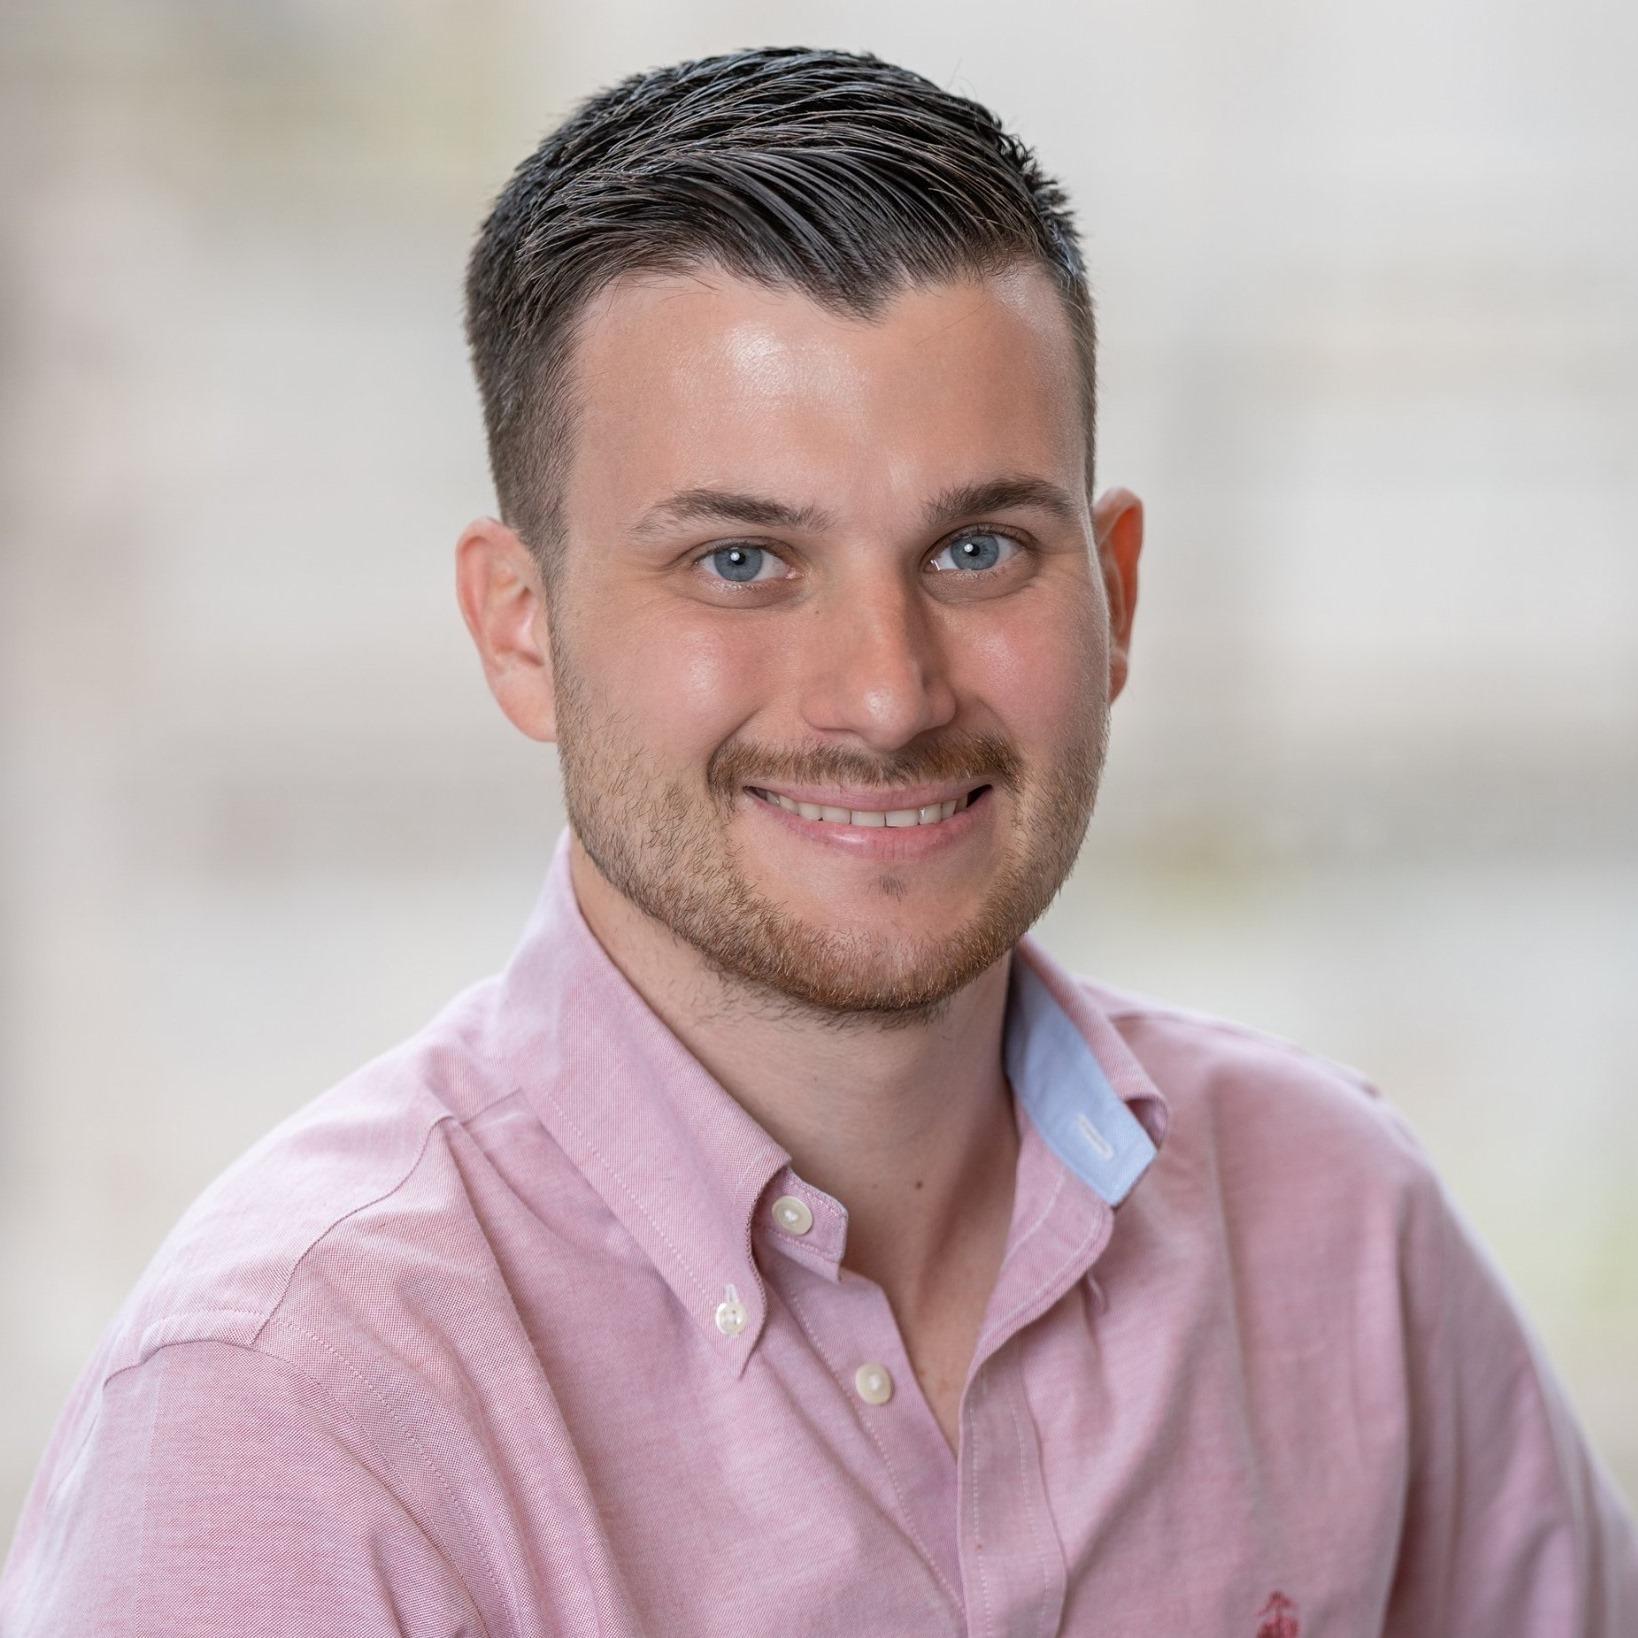 Patrick O'Keefe Headshot